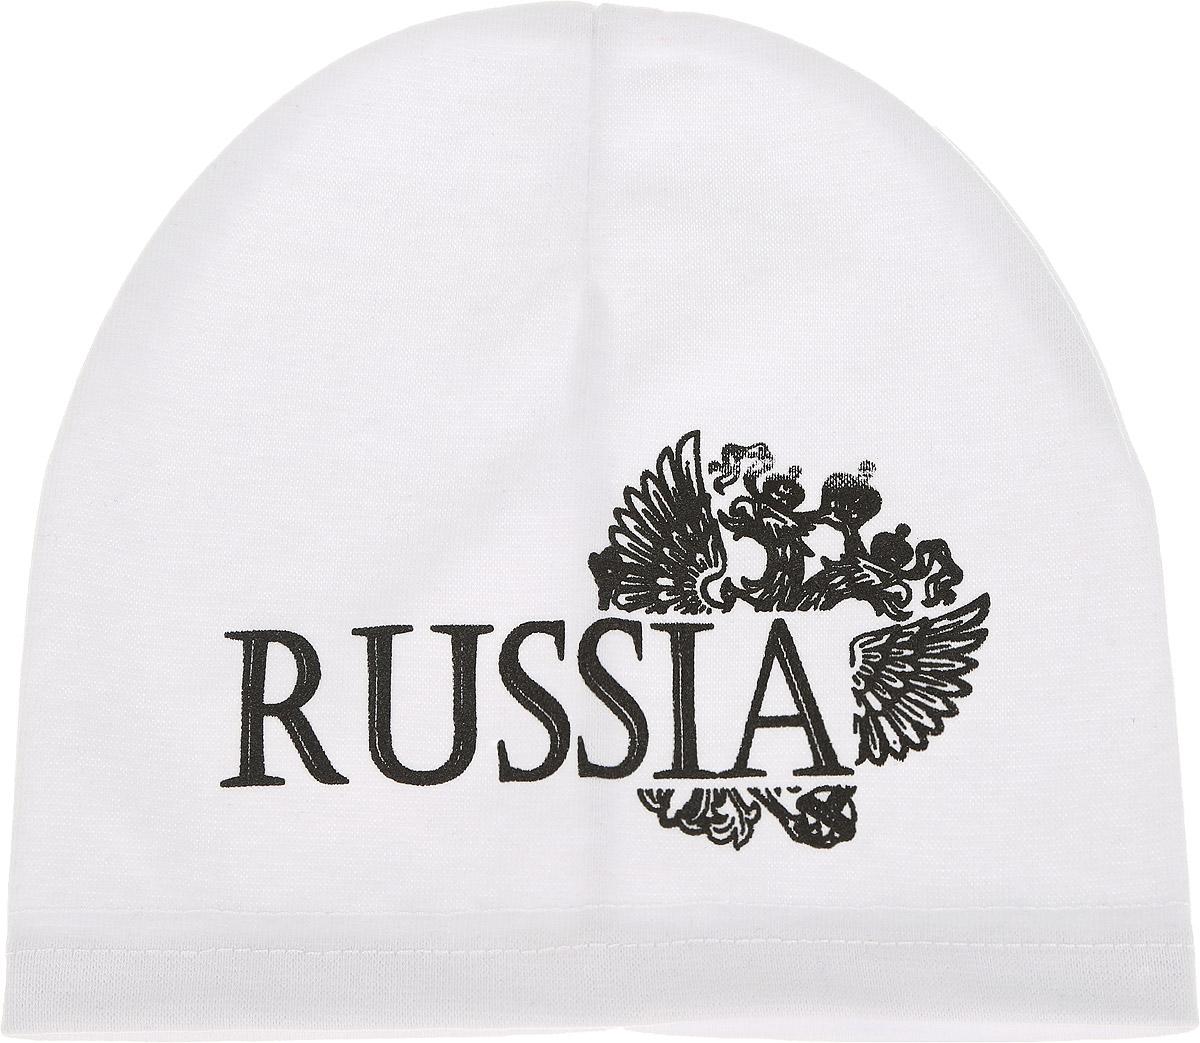 Шапка для мальчика. H175-22H175-22Шапка для мальчика InFante станет стильным дополнением к детскому гардеробу. Шапка выполнена из натурального хлопка, мягкая и приятная на ощупь, идеально прилегает к голове. Изделие украшено термоаппликацией в виде надписи Russia и российского герба. Современный дизайн и расцветка делают эту шапку модным детским аксессуаром. В такой шапке ребенок будет чувствовать себя уютно, комфортно и всегда будет в центре внимания! Шапка для мальчика InFante станет стильным дополнением к детскому гардеробу. Шапка выполнена из натурального хлопка, мягкая и приятная на ощупь, идеально прилегает к голове. Изделие украшено термоаппликацией в виде надписи I Love Mama. Современный дизайн и расцветка делают эту шапку модным детским аксессуаром. В такой шапке ребенок будет чувствовать себя уютно, комфортно и всегда будет в центре внимания! Уважаемые клиенты! Размер, доступный для заказа, является обхватом головы.